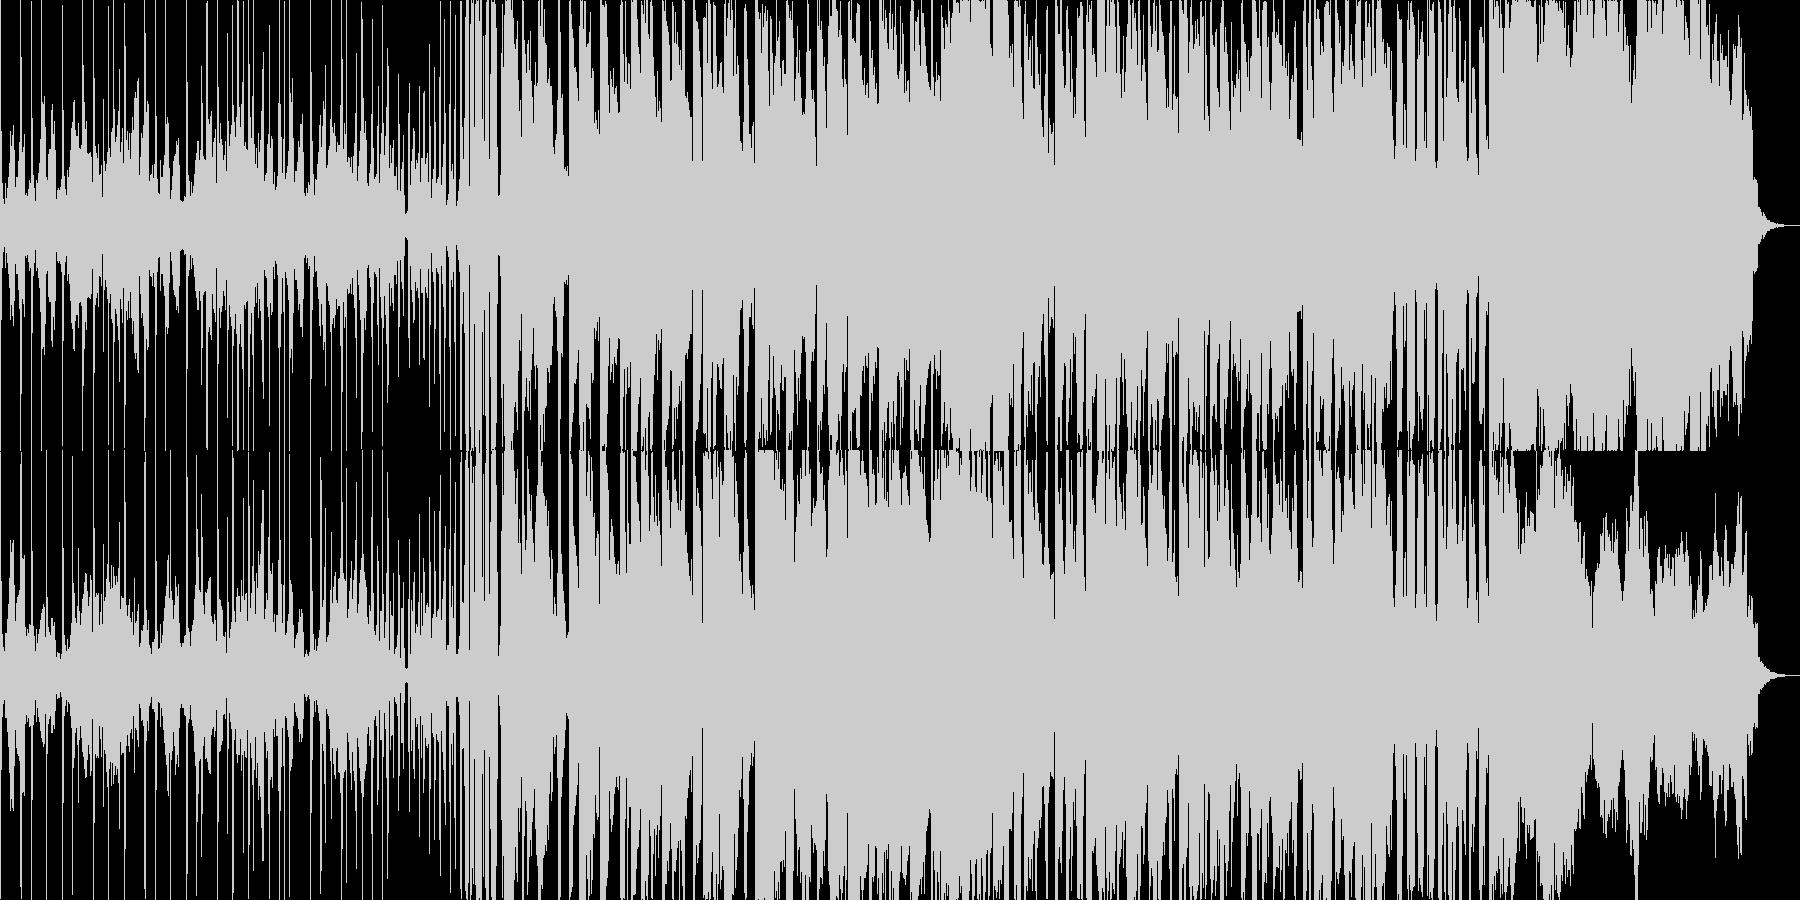 高級時計のようなストリングスメインの曲の未再生の波形